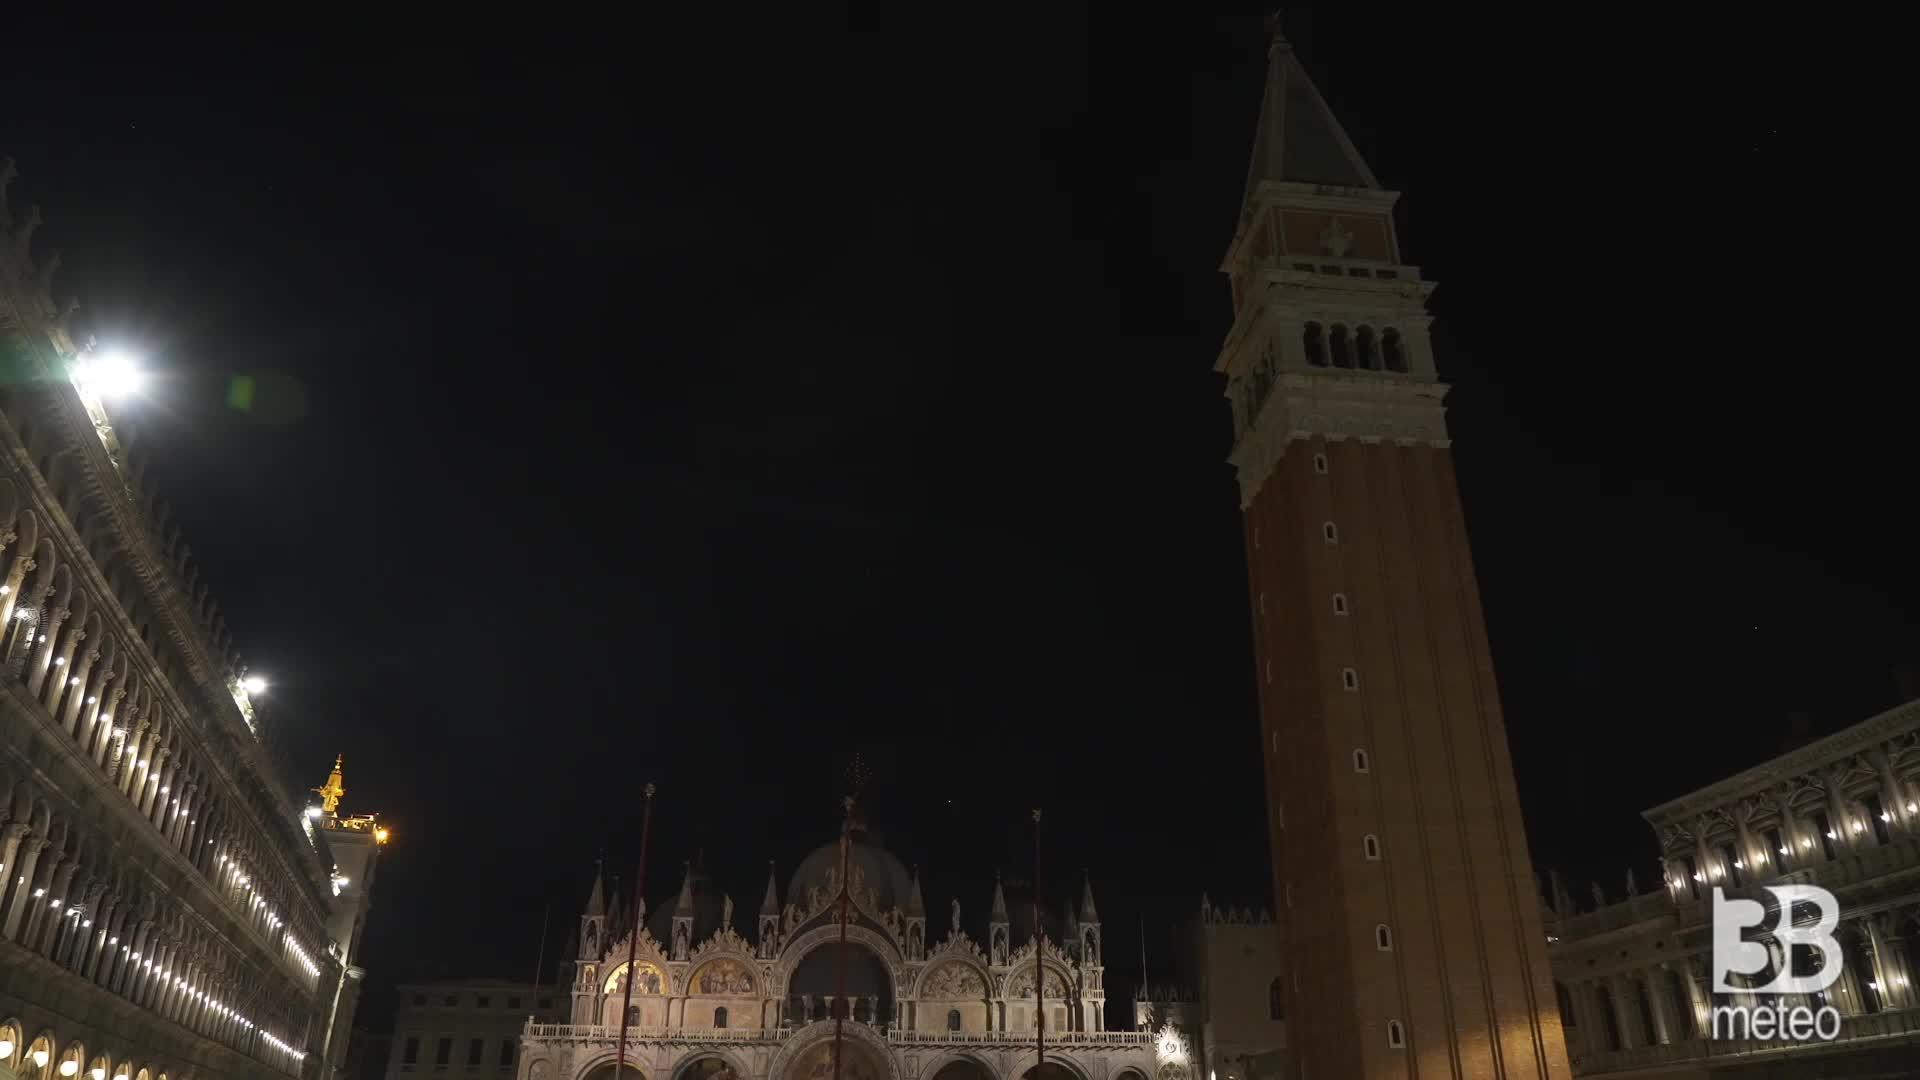 L'acqua allaga Piazza San Marco: il livello aumenta via via